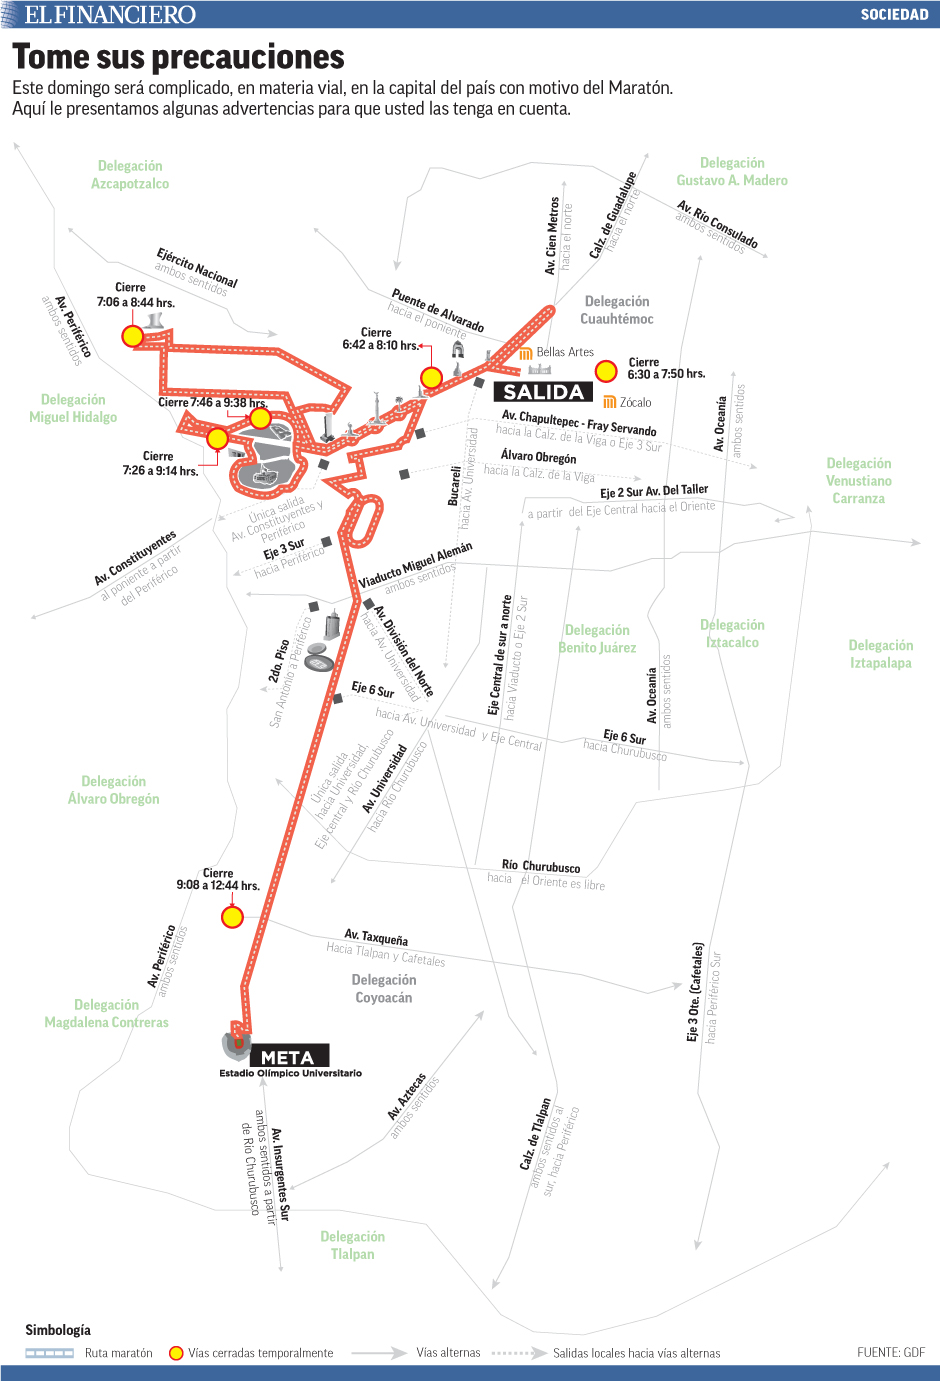 Este domingo será complicado, en materia vial, en la capital del país con motivo del Maratón. Aquí le presentamos algunas advertencias para que usted las tenga en cuenta.